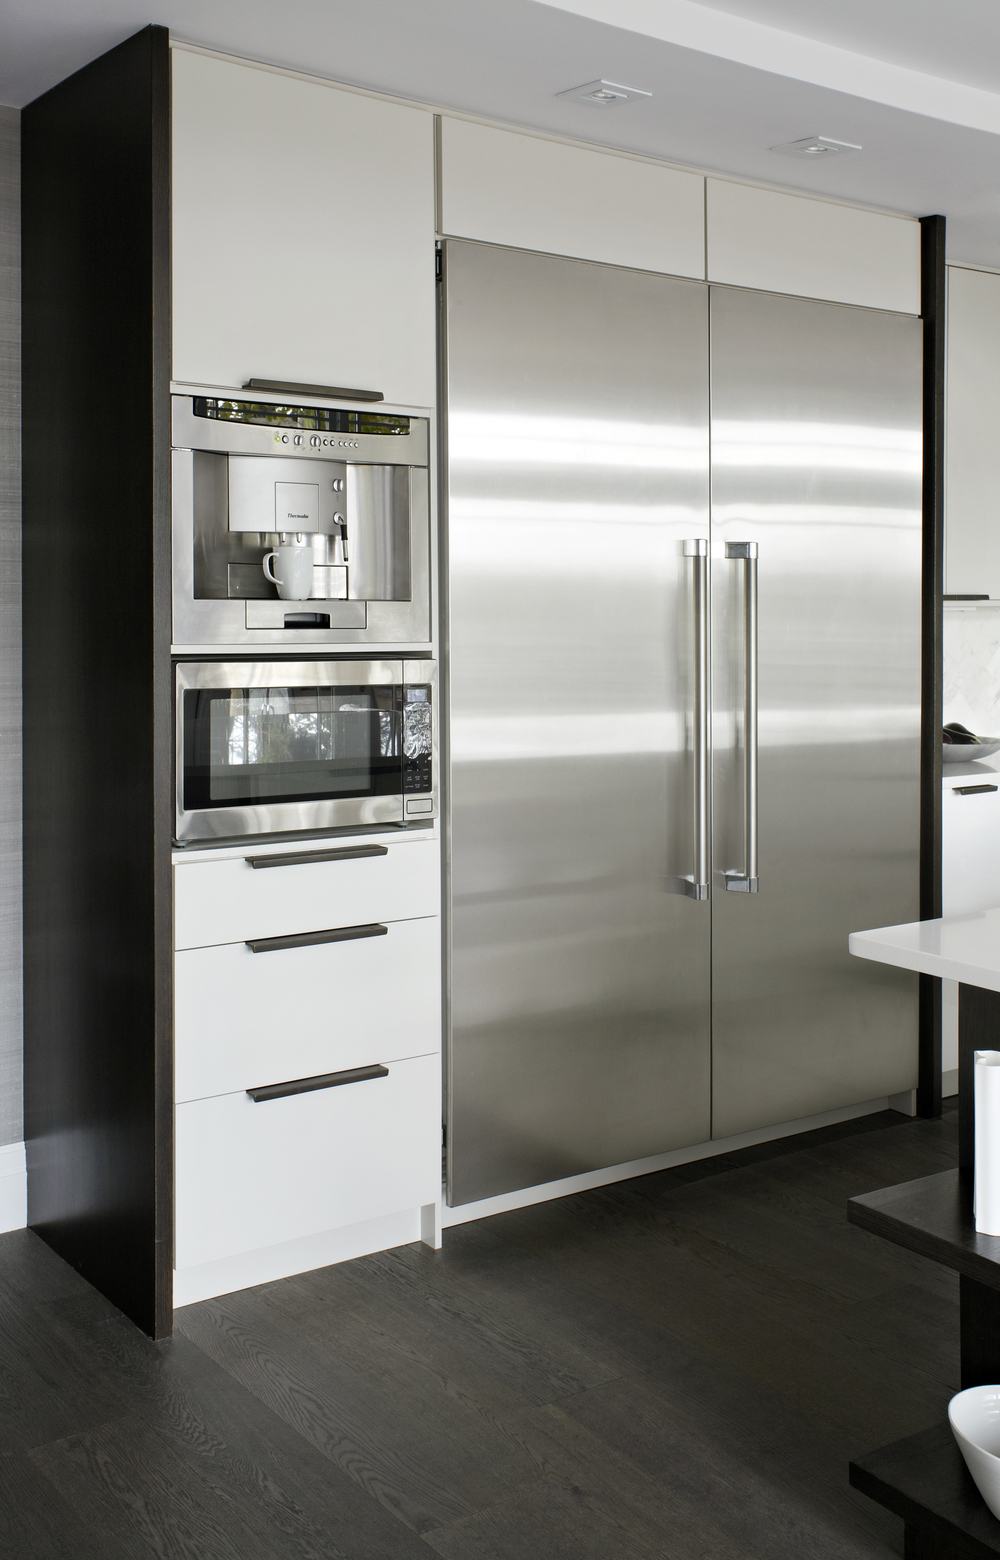 Style At Home Erins Kitchen 8455.jpg